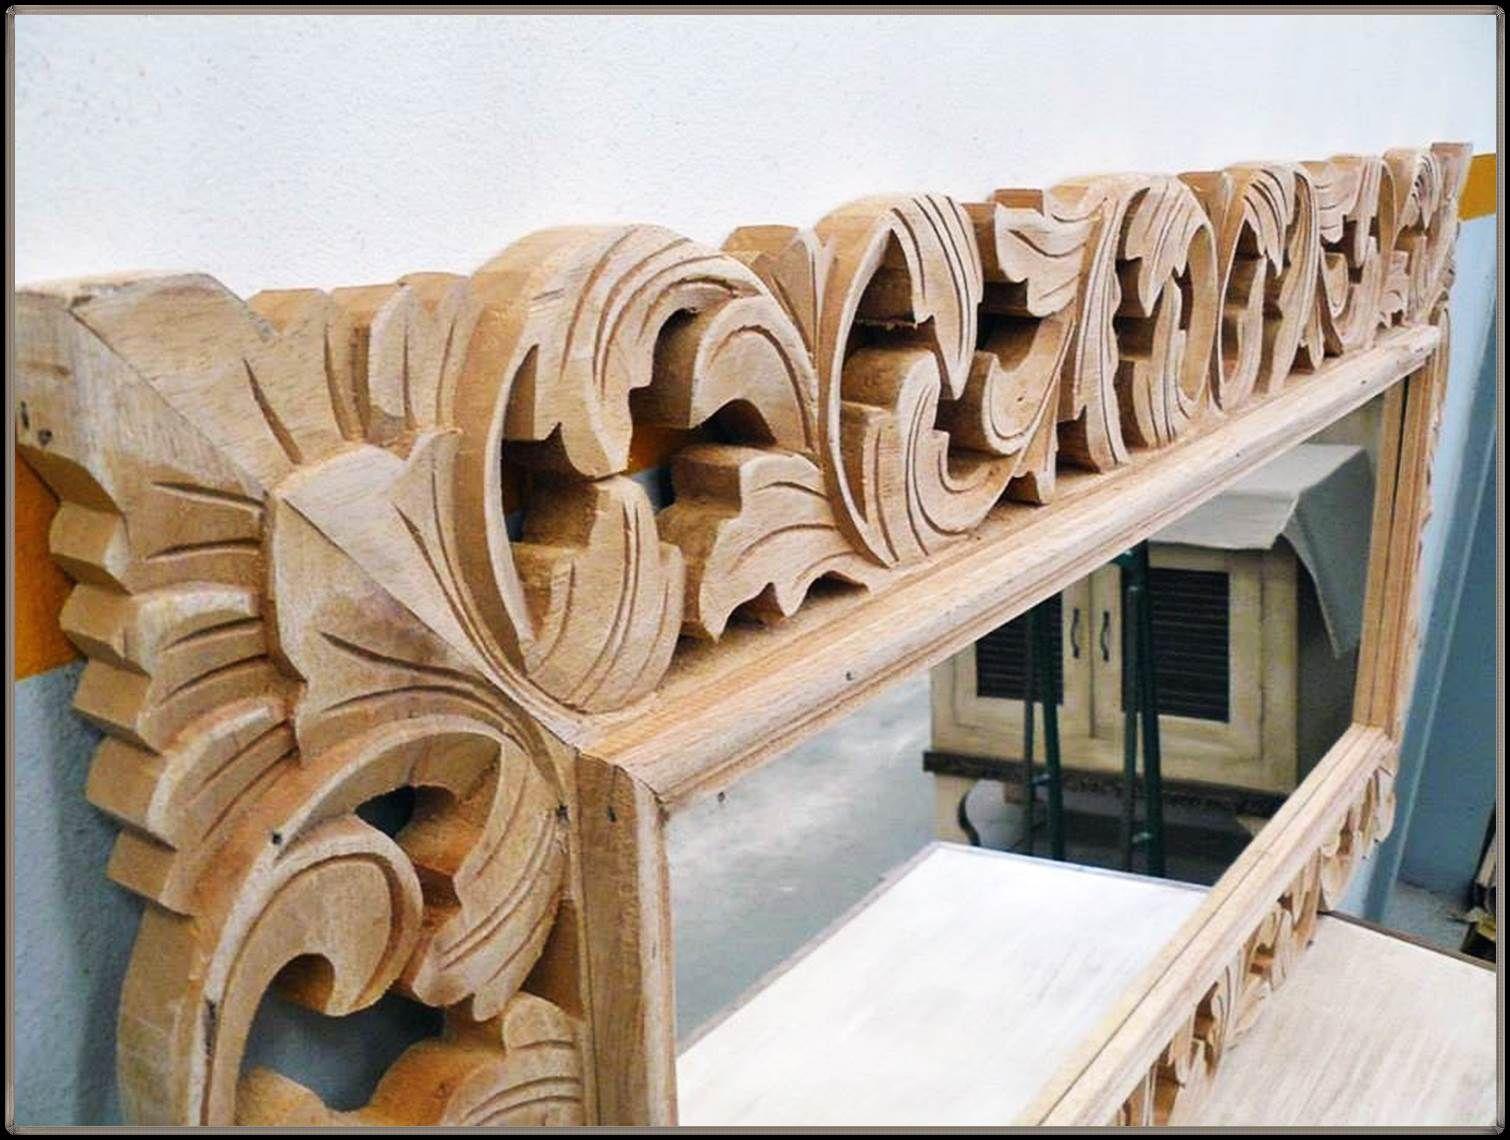 marcos de espejos tallados en madera  Talla en 2019